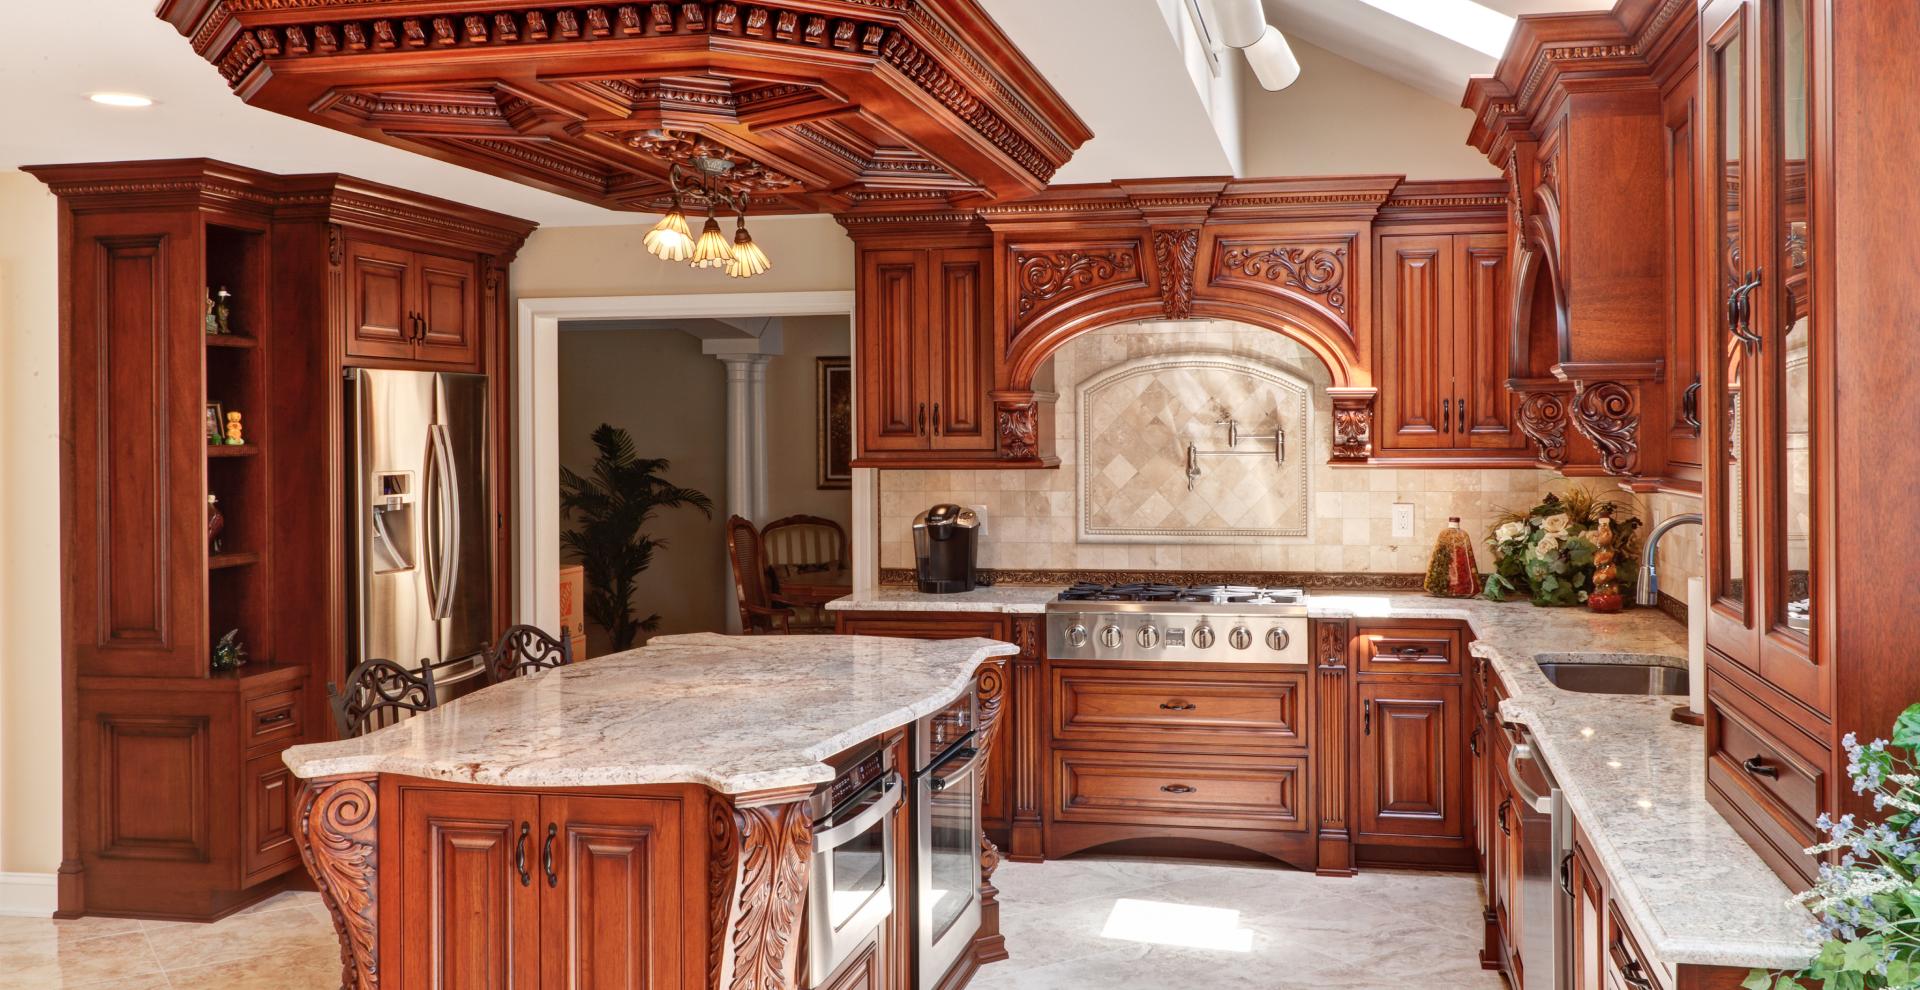 Mahogany stained classic kitchen Holbrook, NY